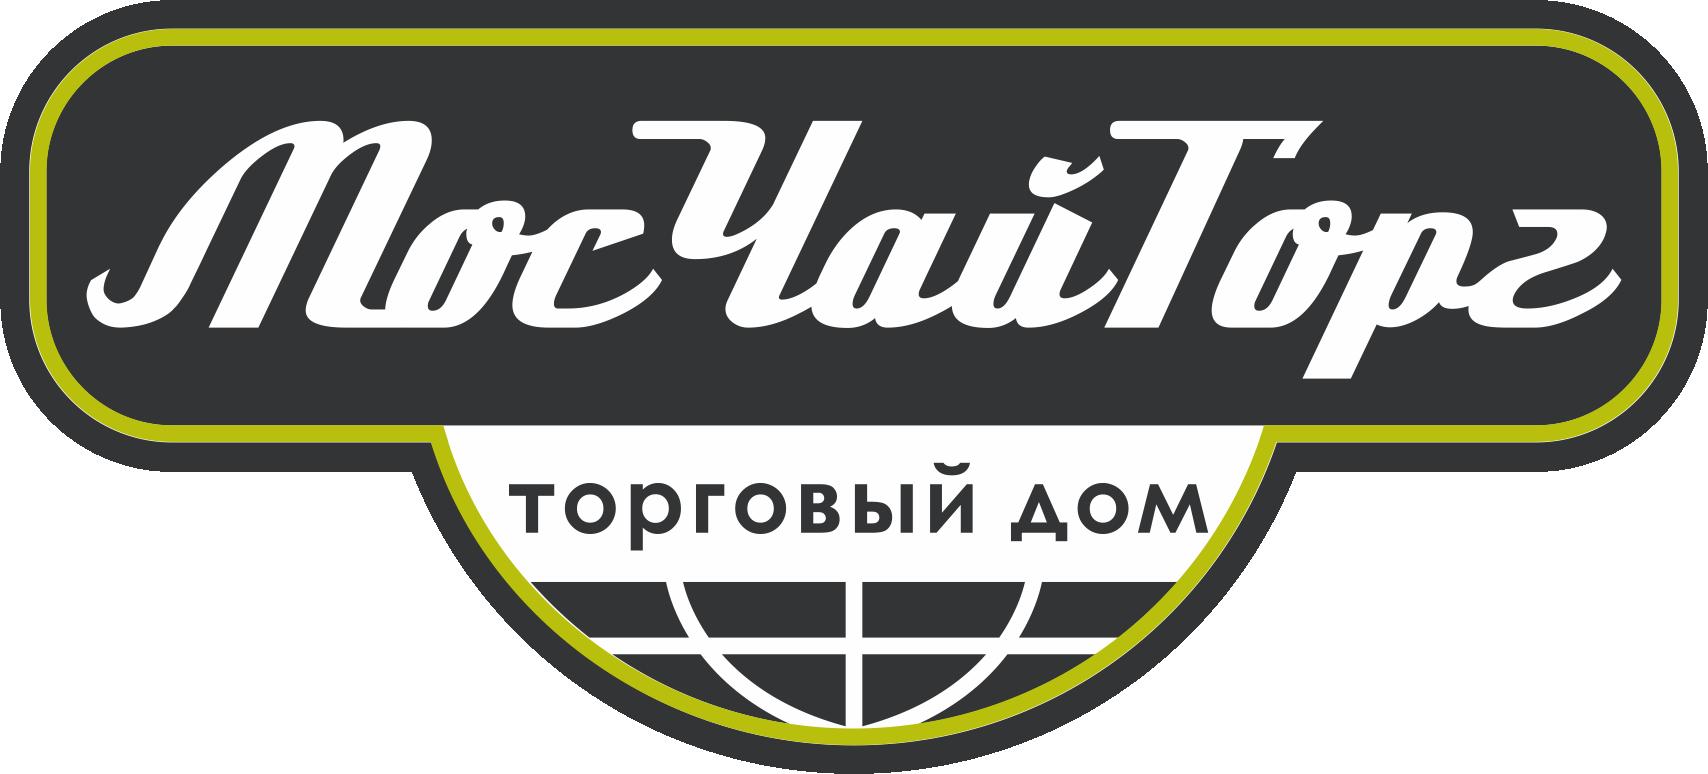 Купить зеленый чай в интернет-магазине в Москве